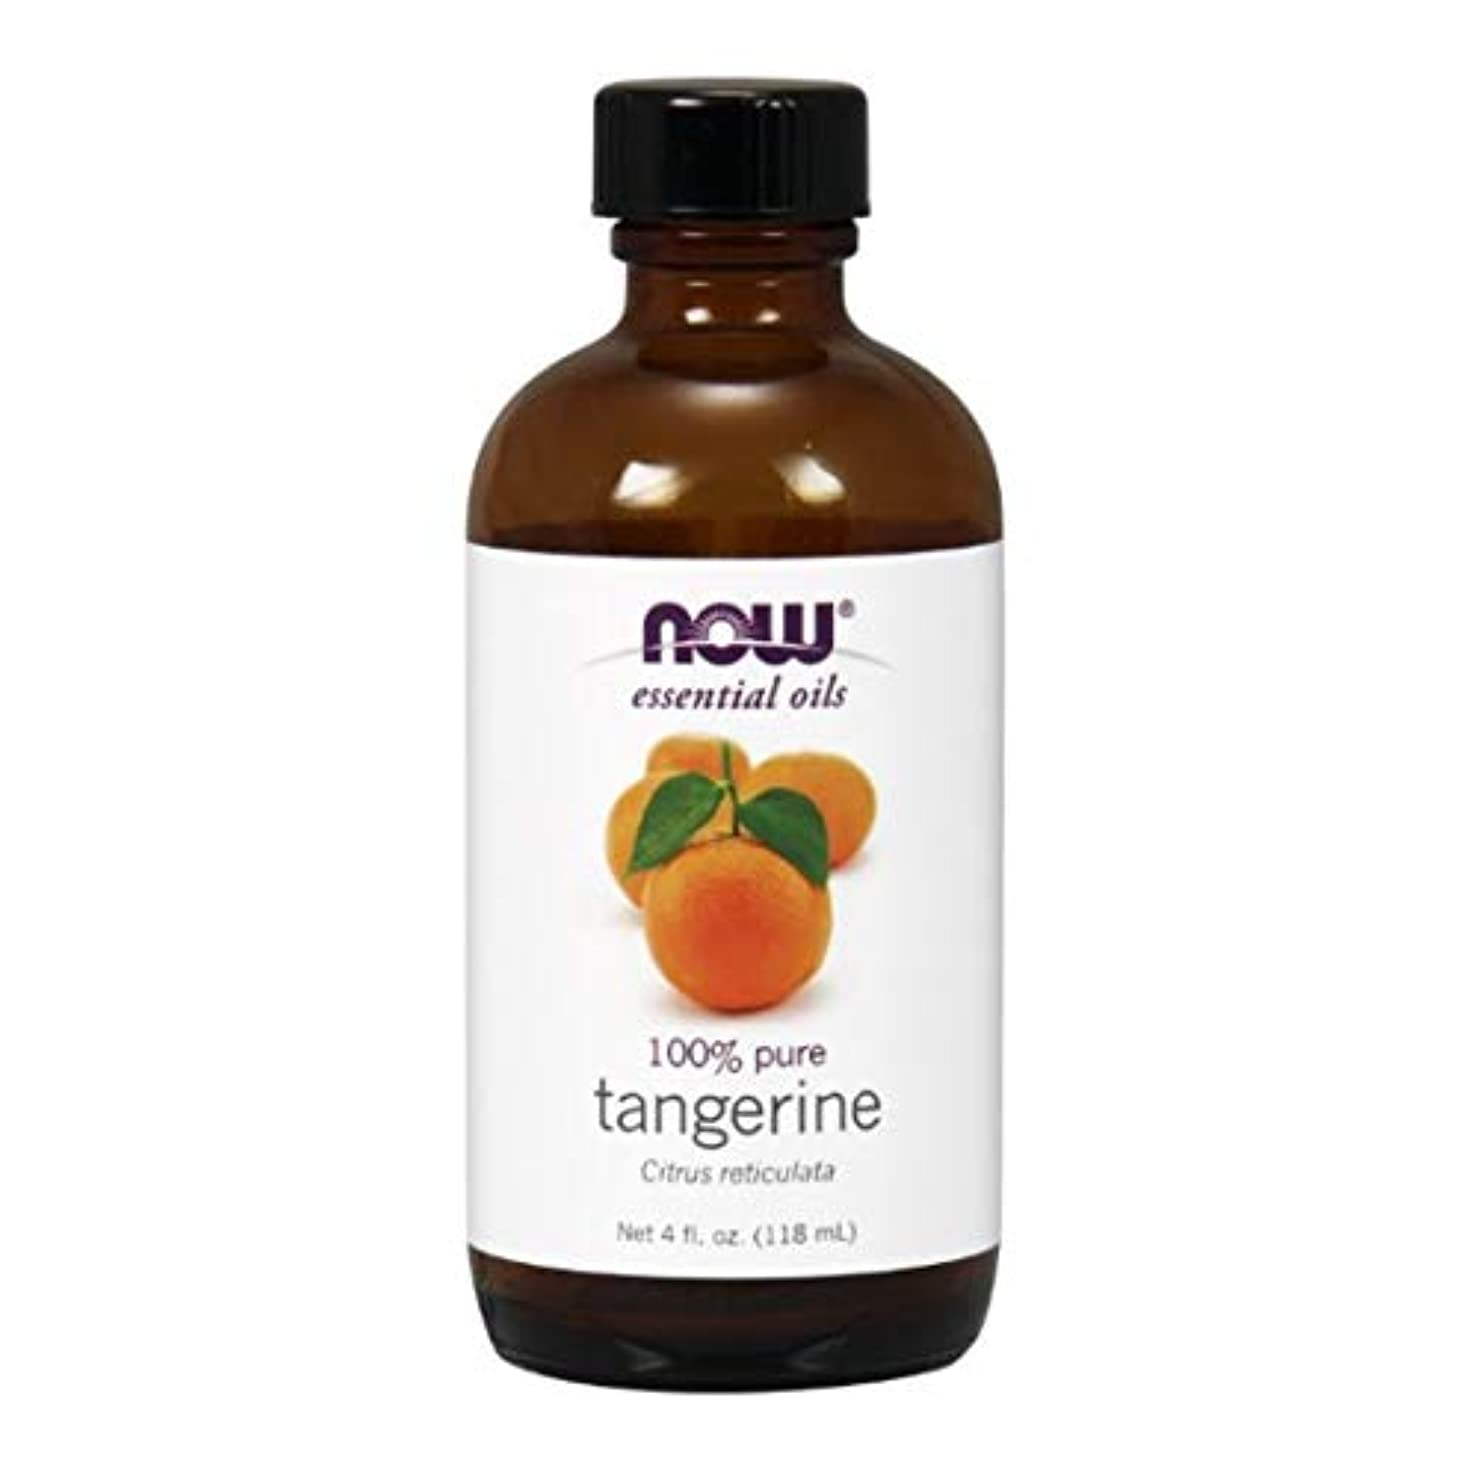 傘ぬれたスポットNow - Tangerine Oil 100% Pure 4 oz (118 ml) [並行輸入品]